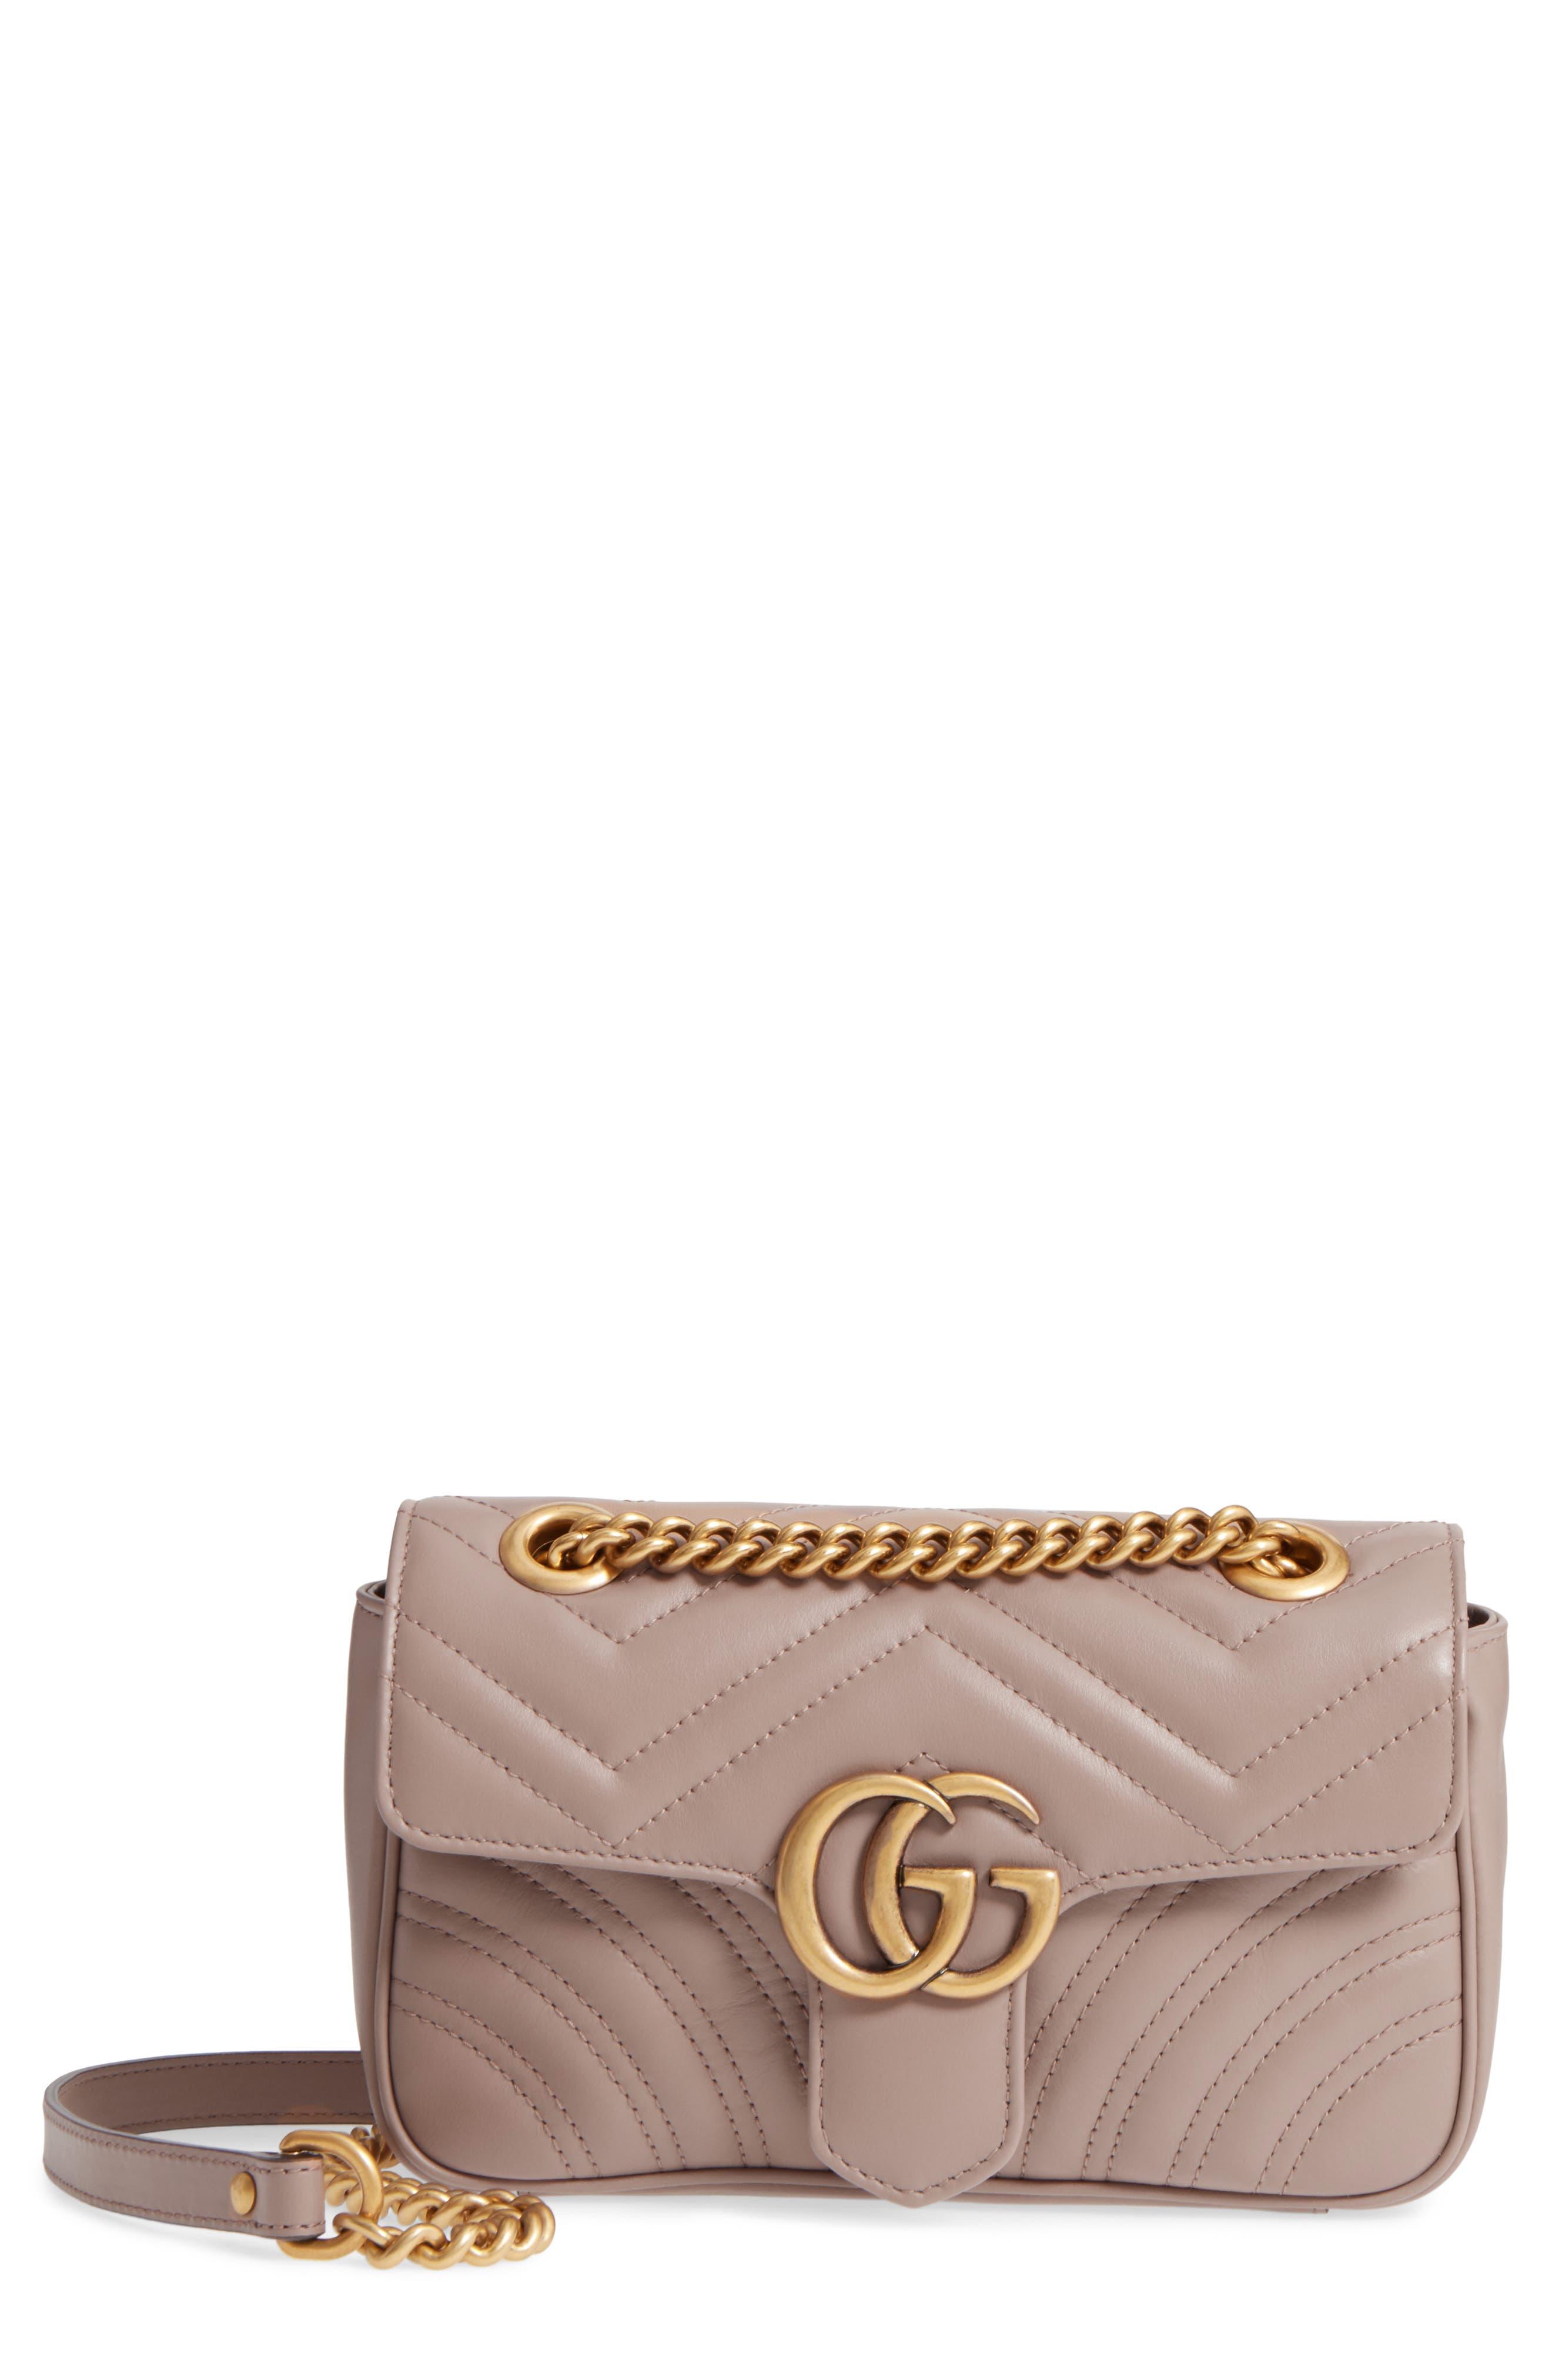 Mini GG Marmont 2.0 Matelassé Leather Shoulder Bag,                             Main thumbnail 1, color,                             Porcelain Rose